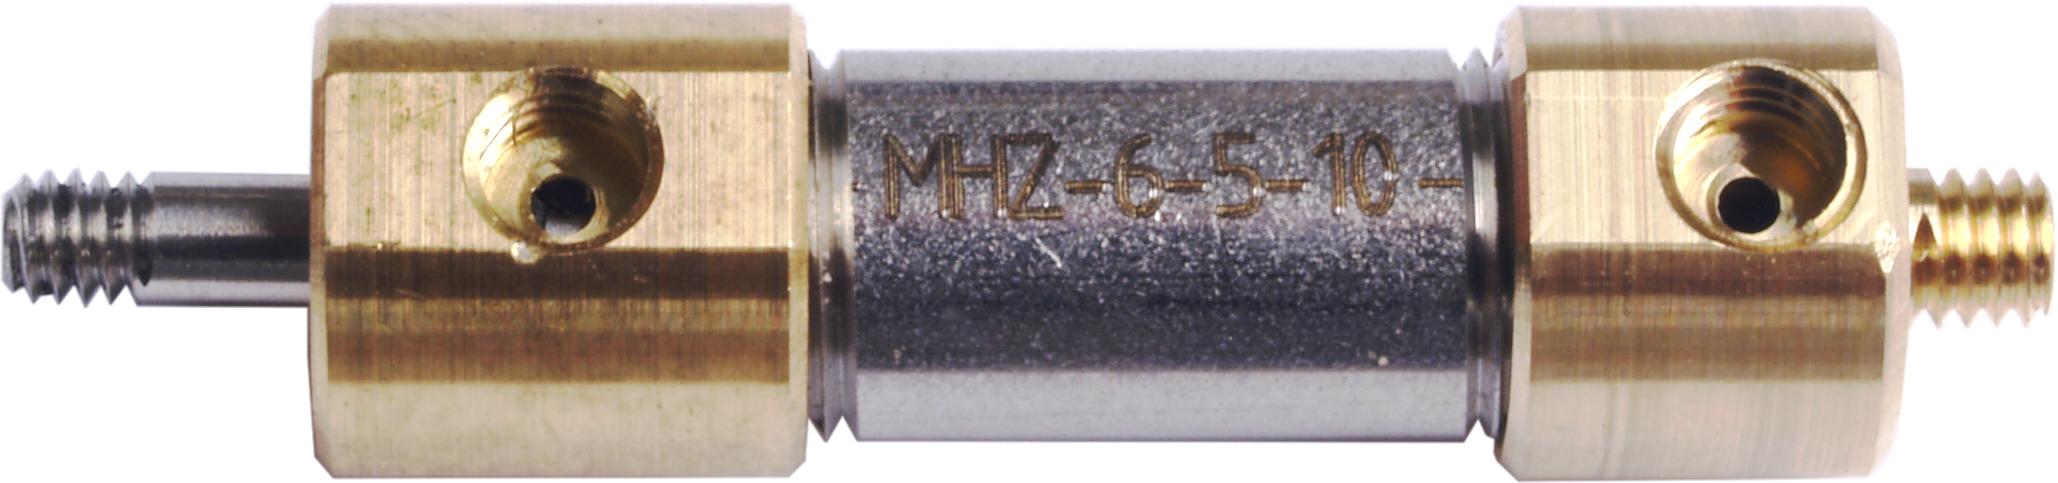 Hydraulic Cylinder Stroke 10mm